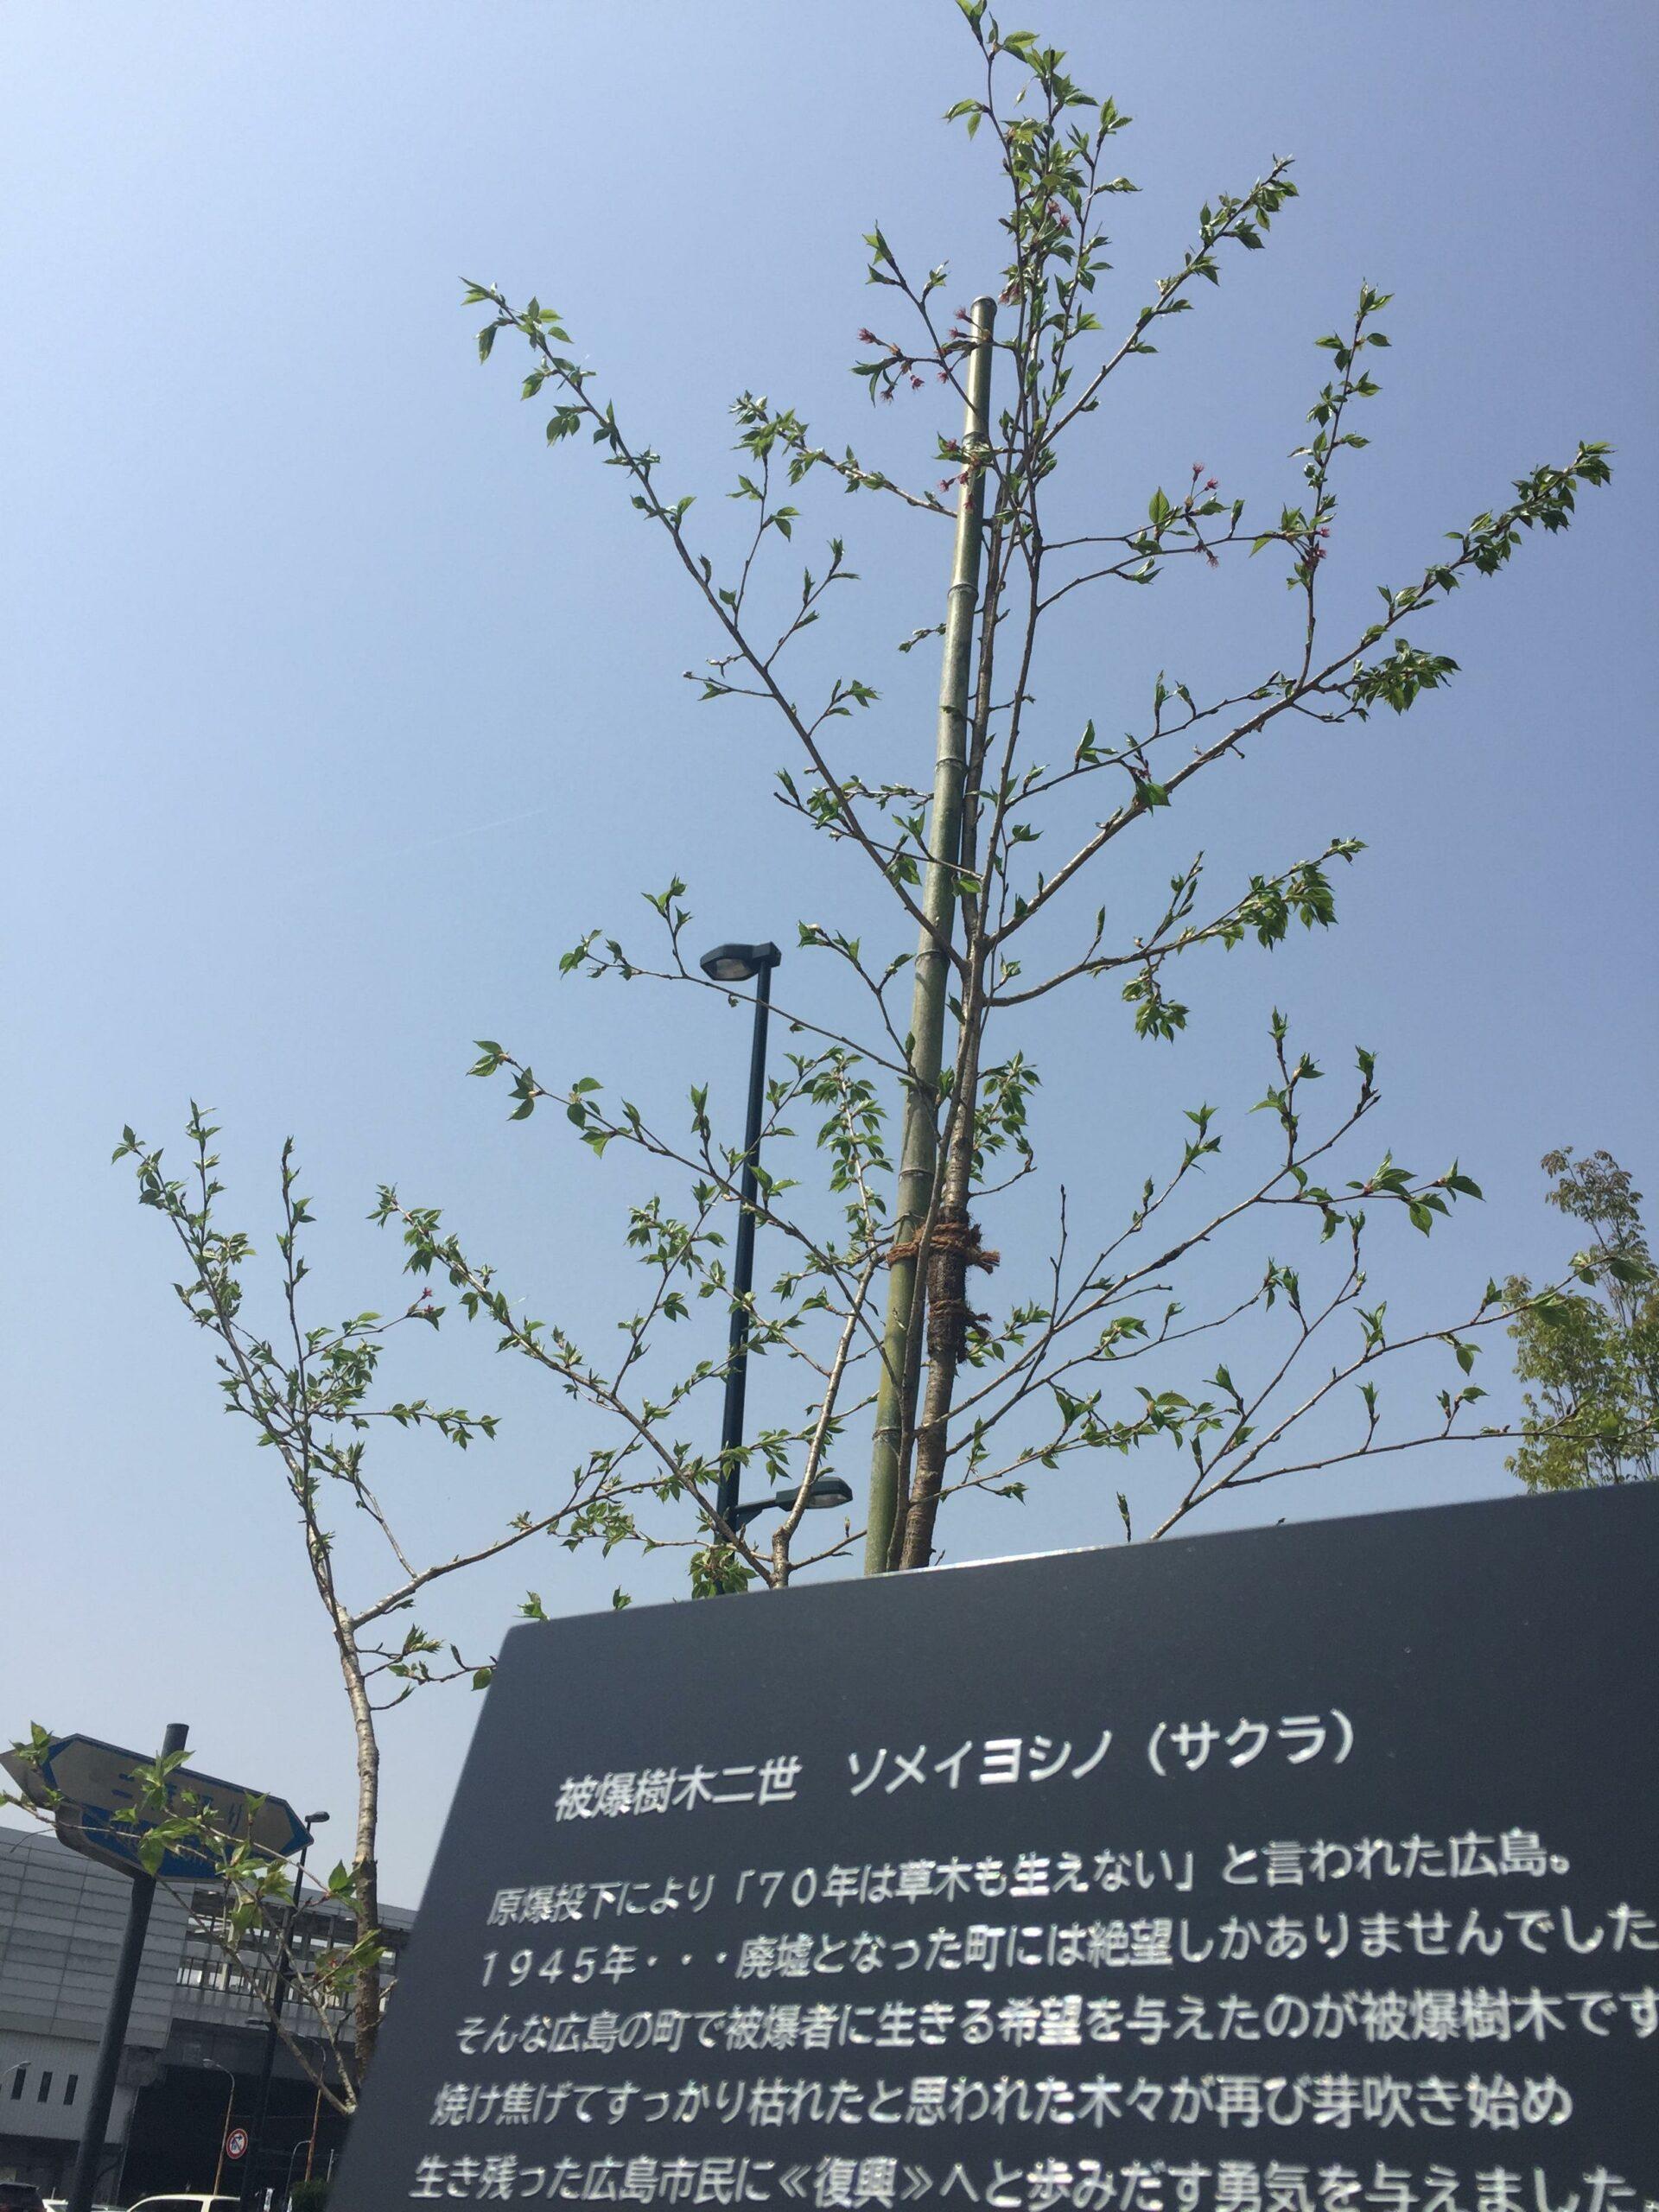 広島テレビ ピースコーナー